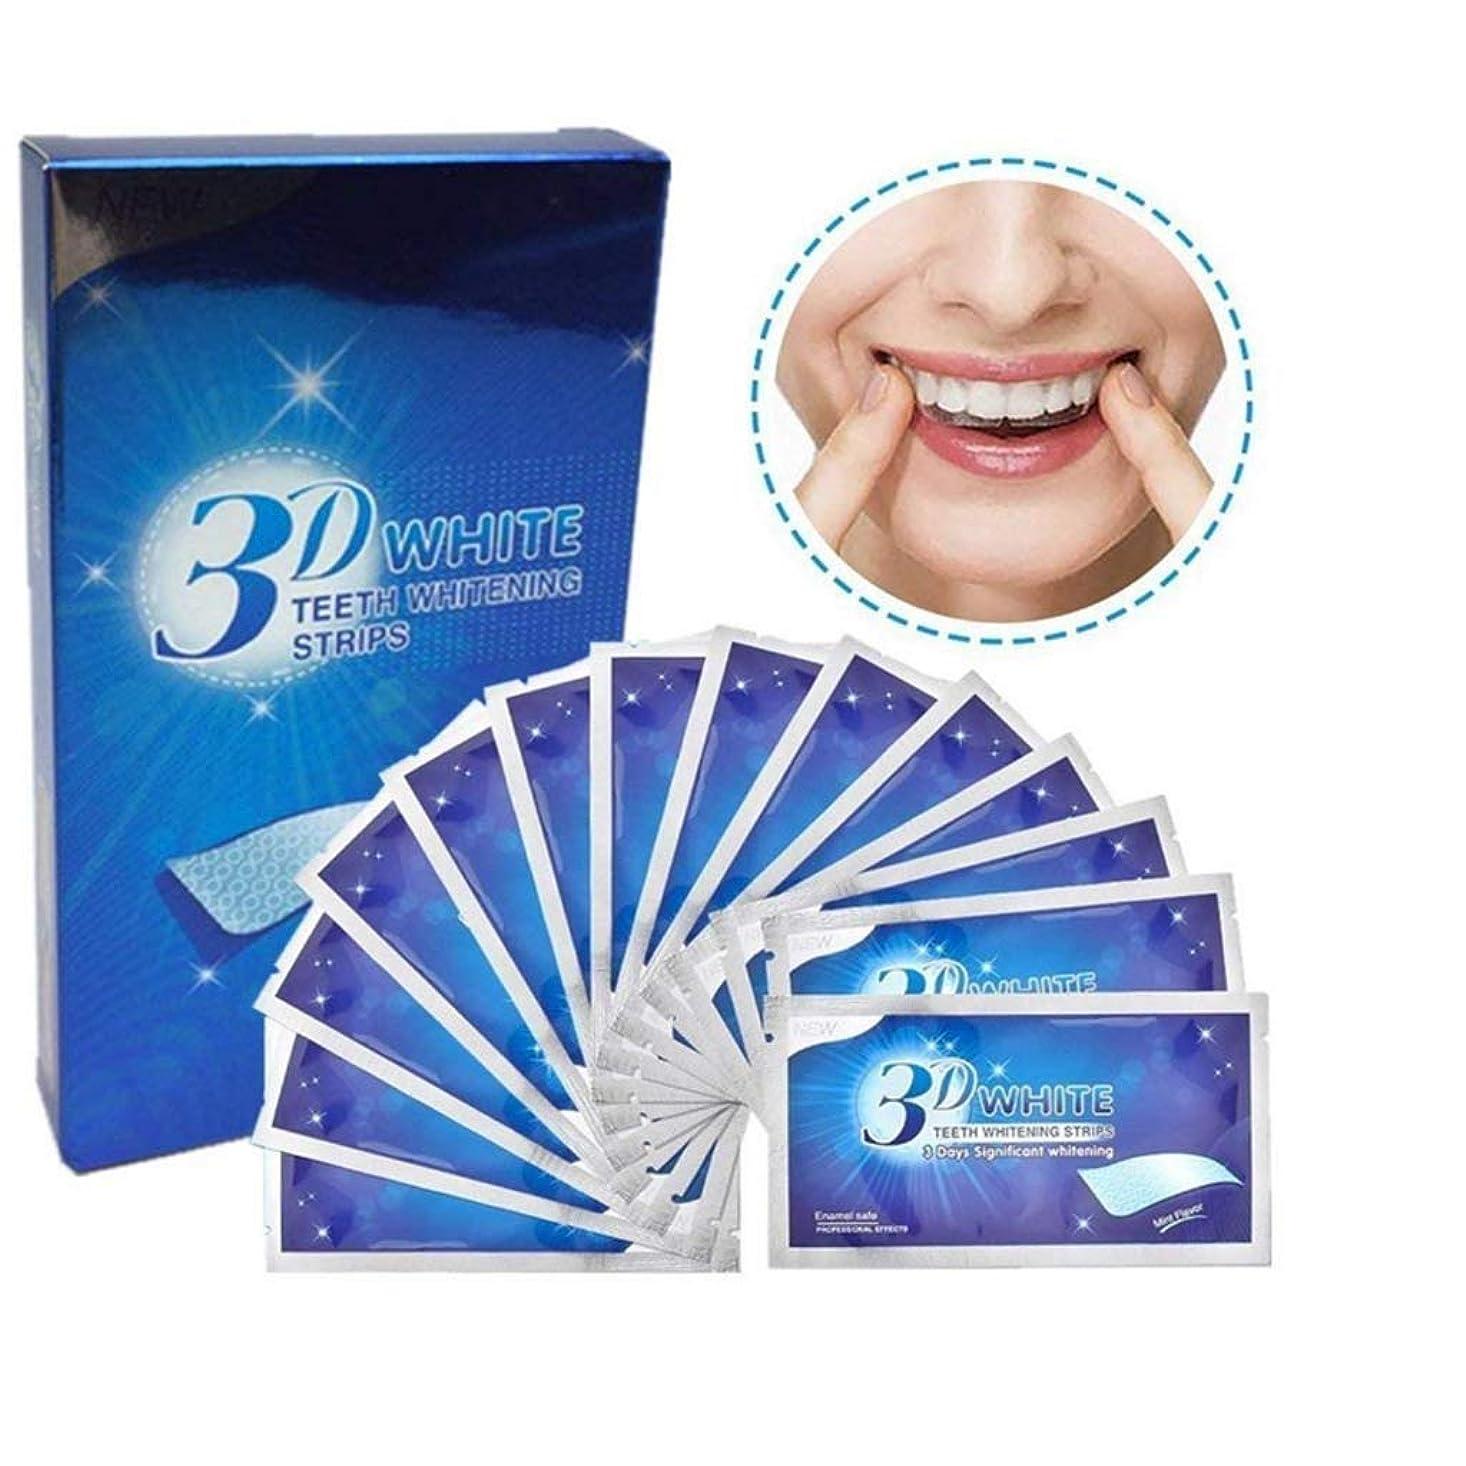 満足除外する時計回り歯 美白 ホワイトニング マニキュア 歯ケア 歯のホワイトニング 美白歯磨き 歯を白 ホワイトニングテープ 歯を漂白 14枚